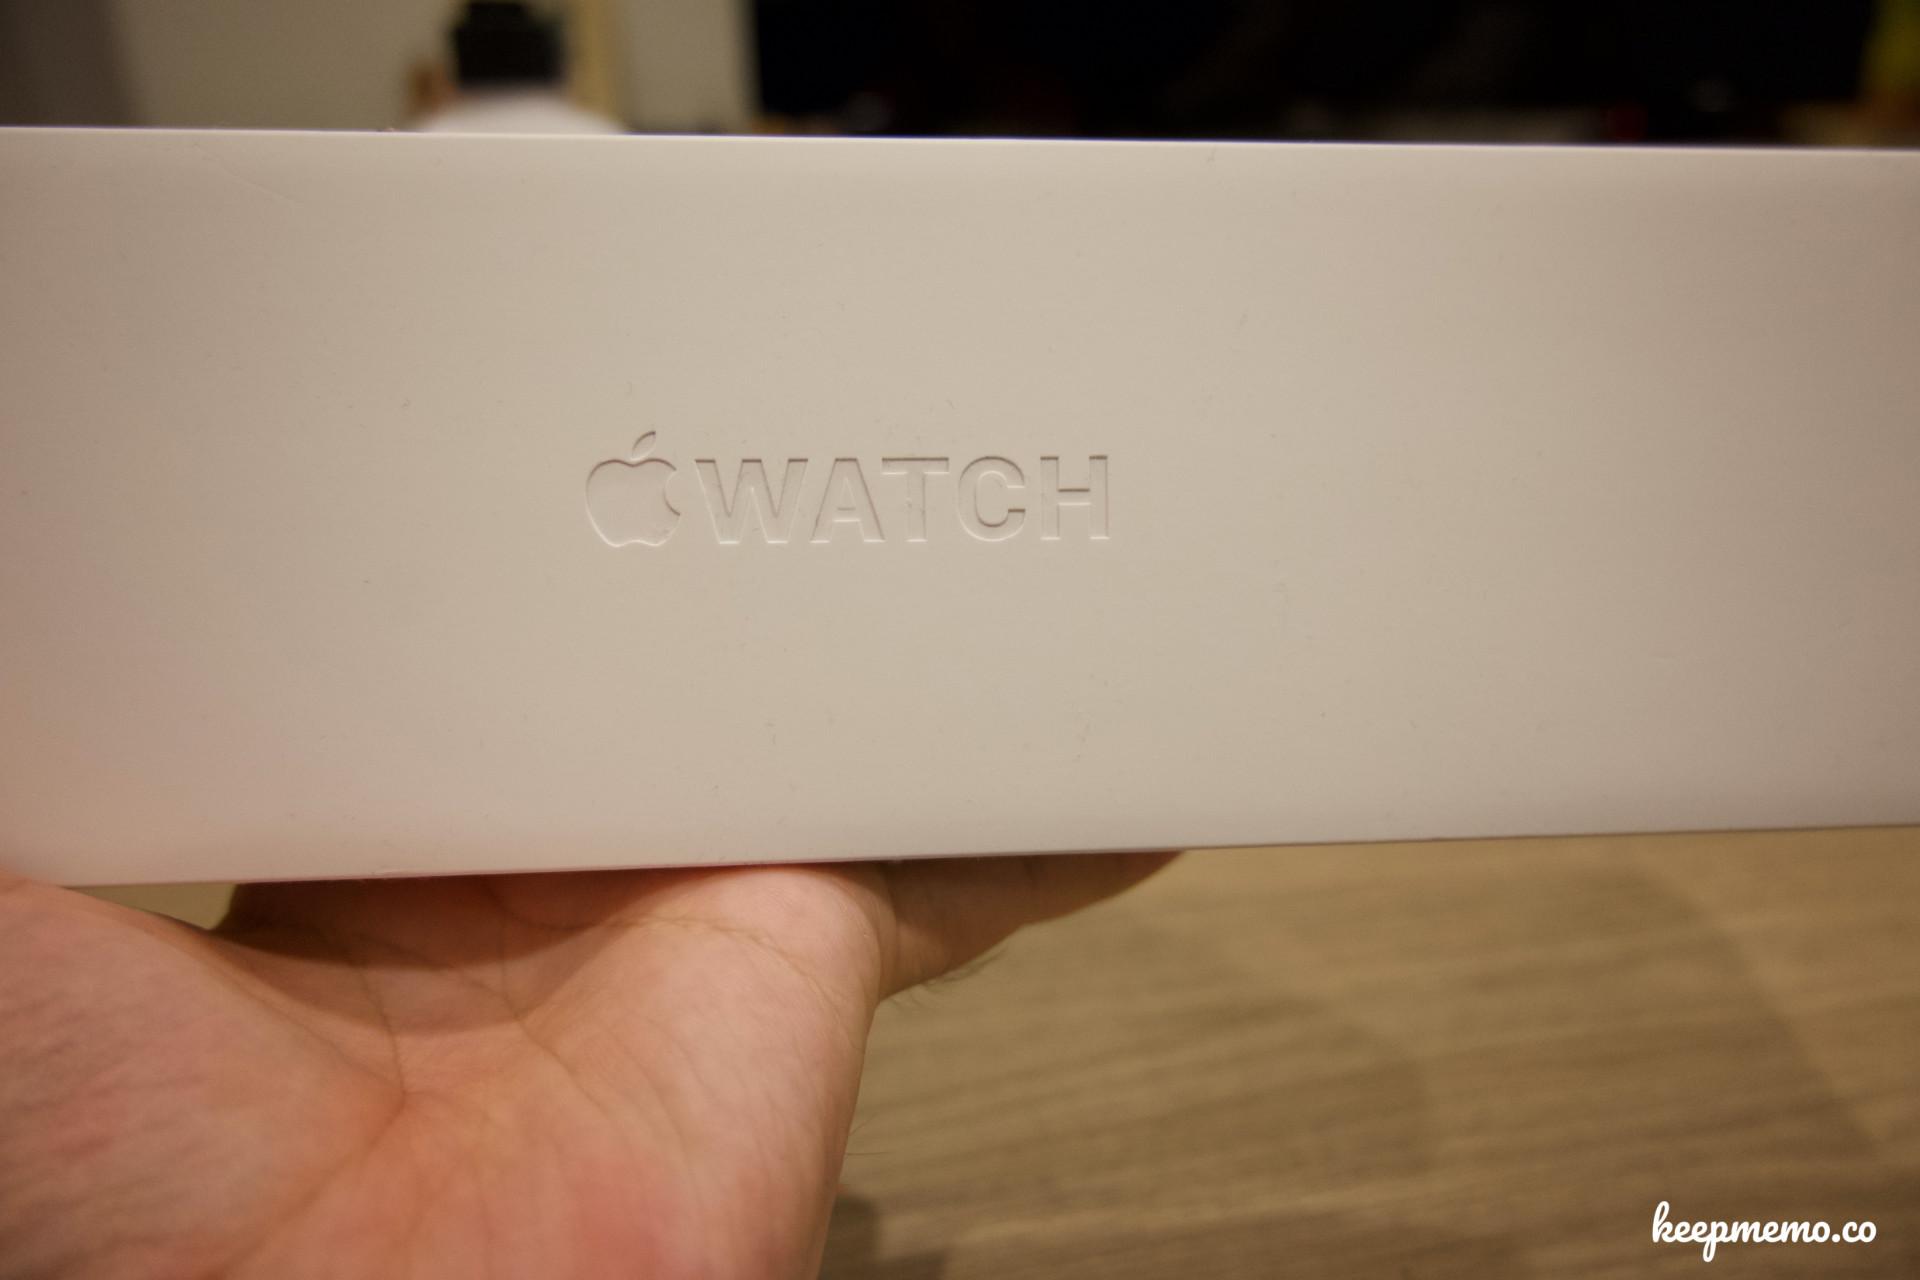 รีวิวการซื้อ Apple watch ใส่ครั้งแรก Apple watch series 6